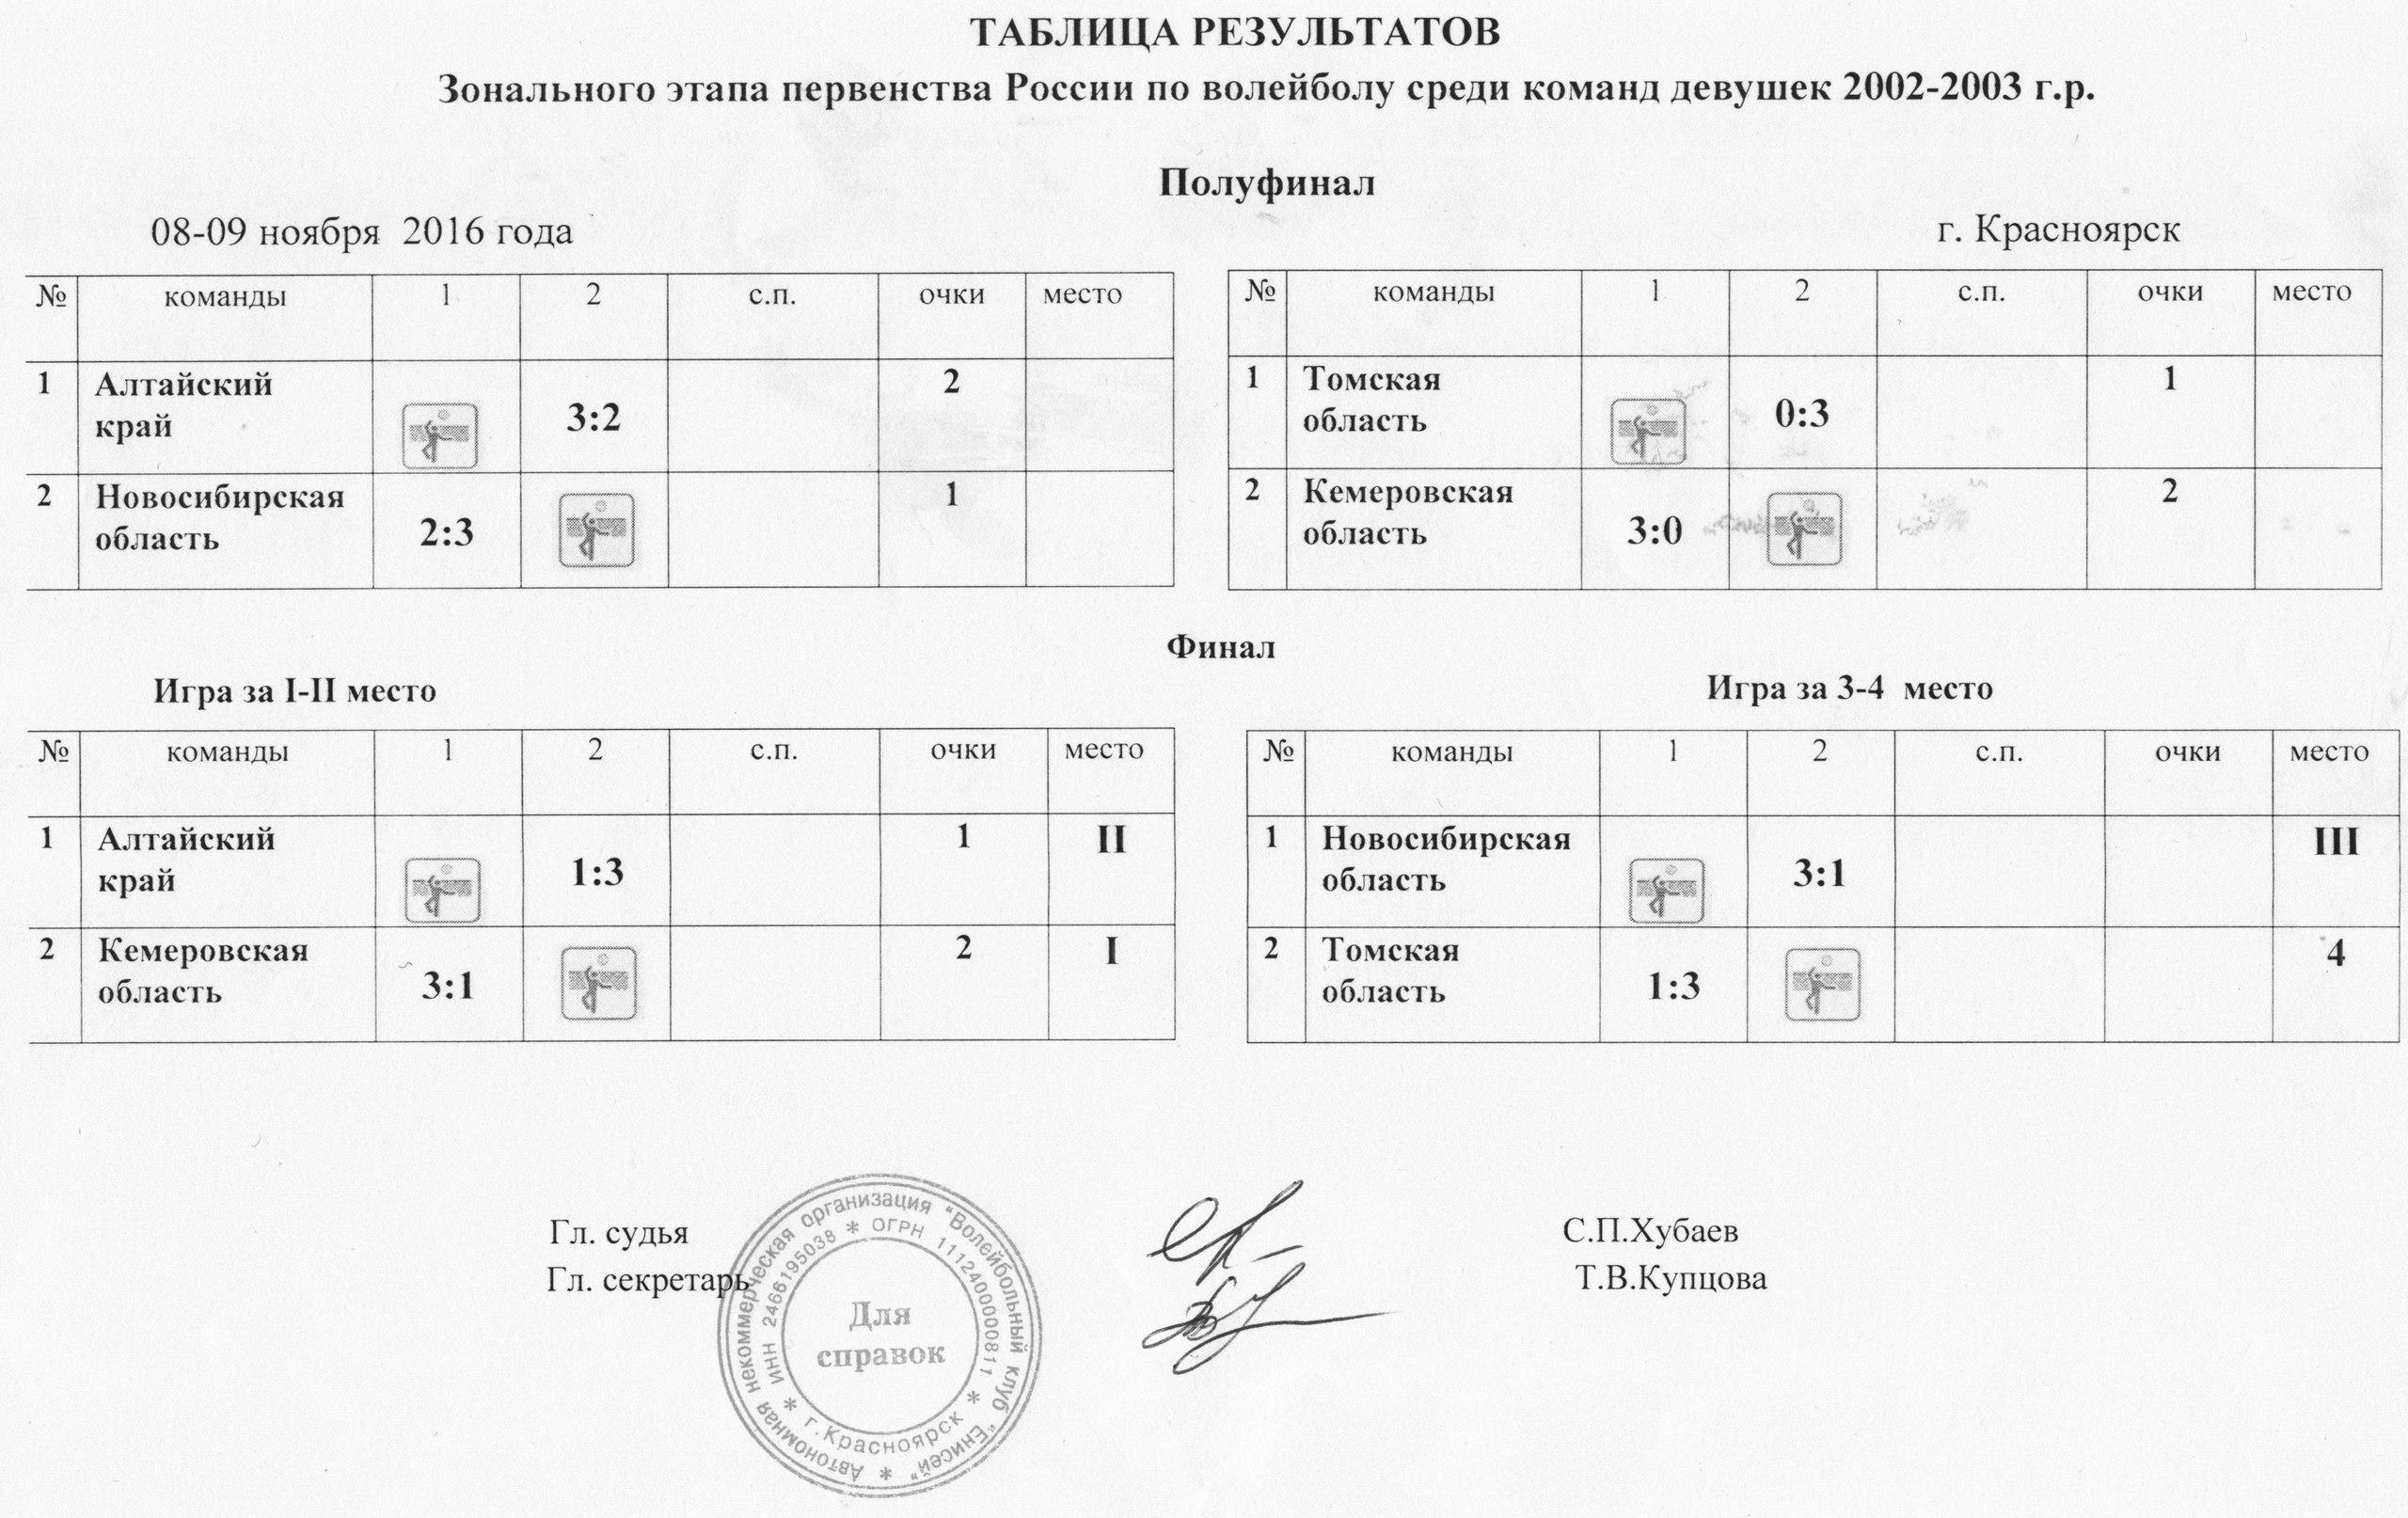 Таблица результатов 2